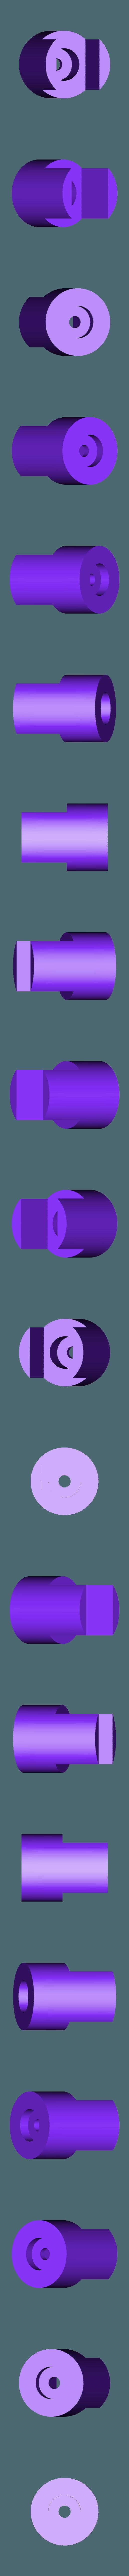 Swivel.stl Télécharger fichier STL gratuit Santa Whirligig • Objet pour imprimante 3D, Sparky6548